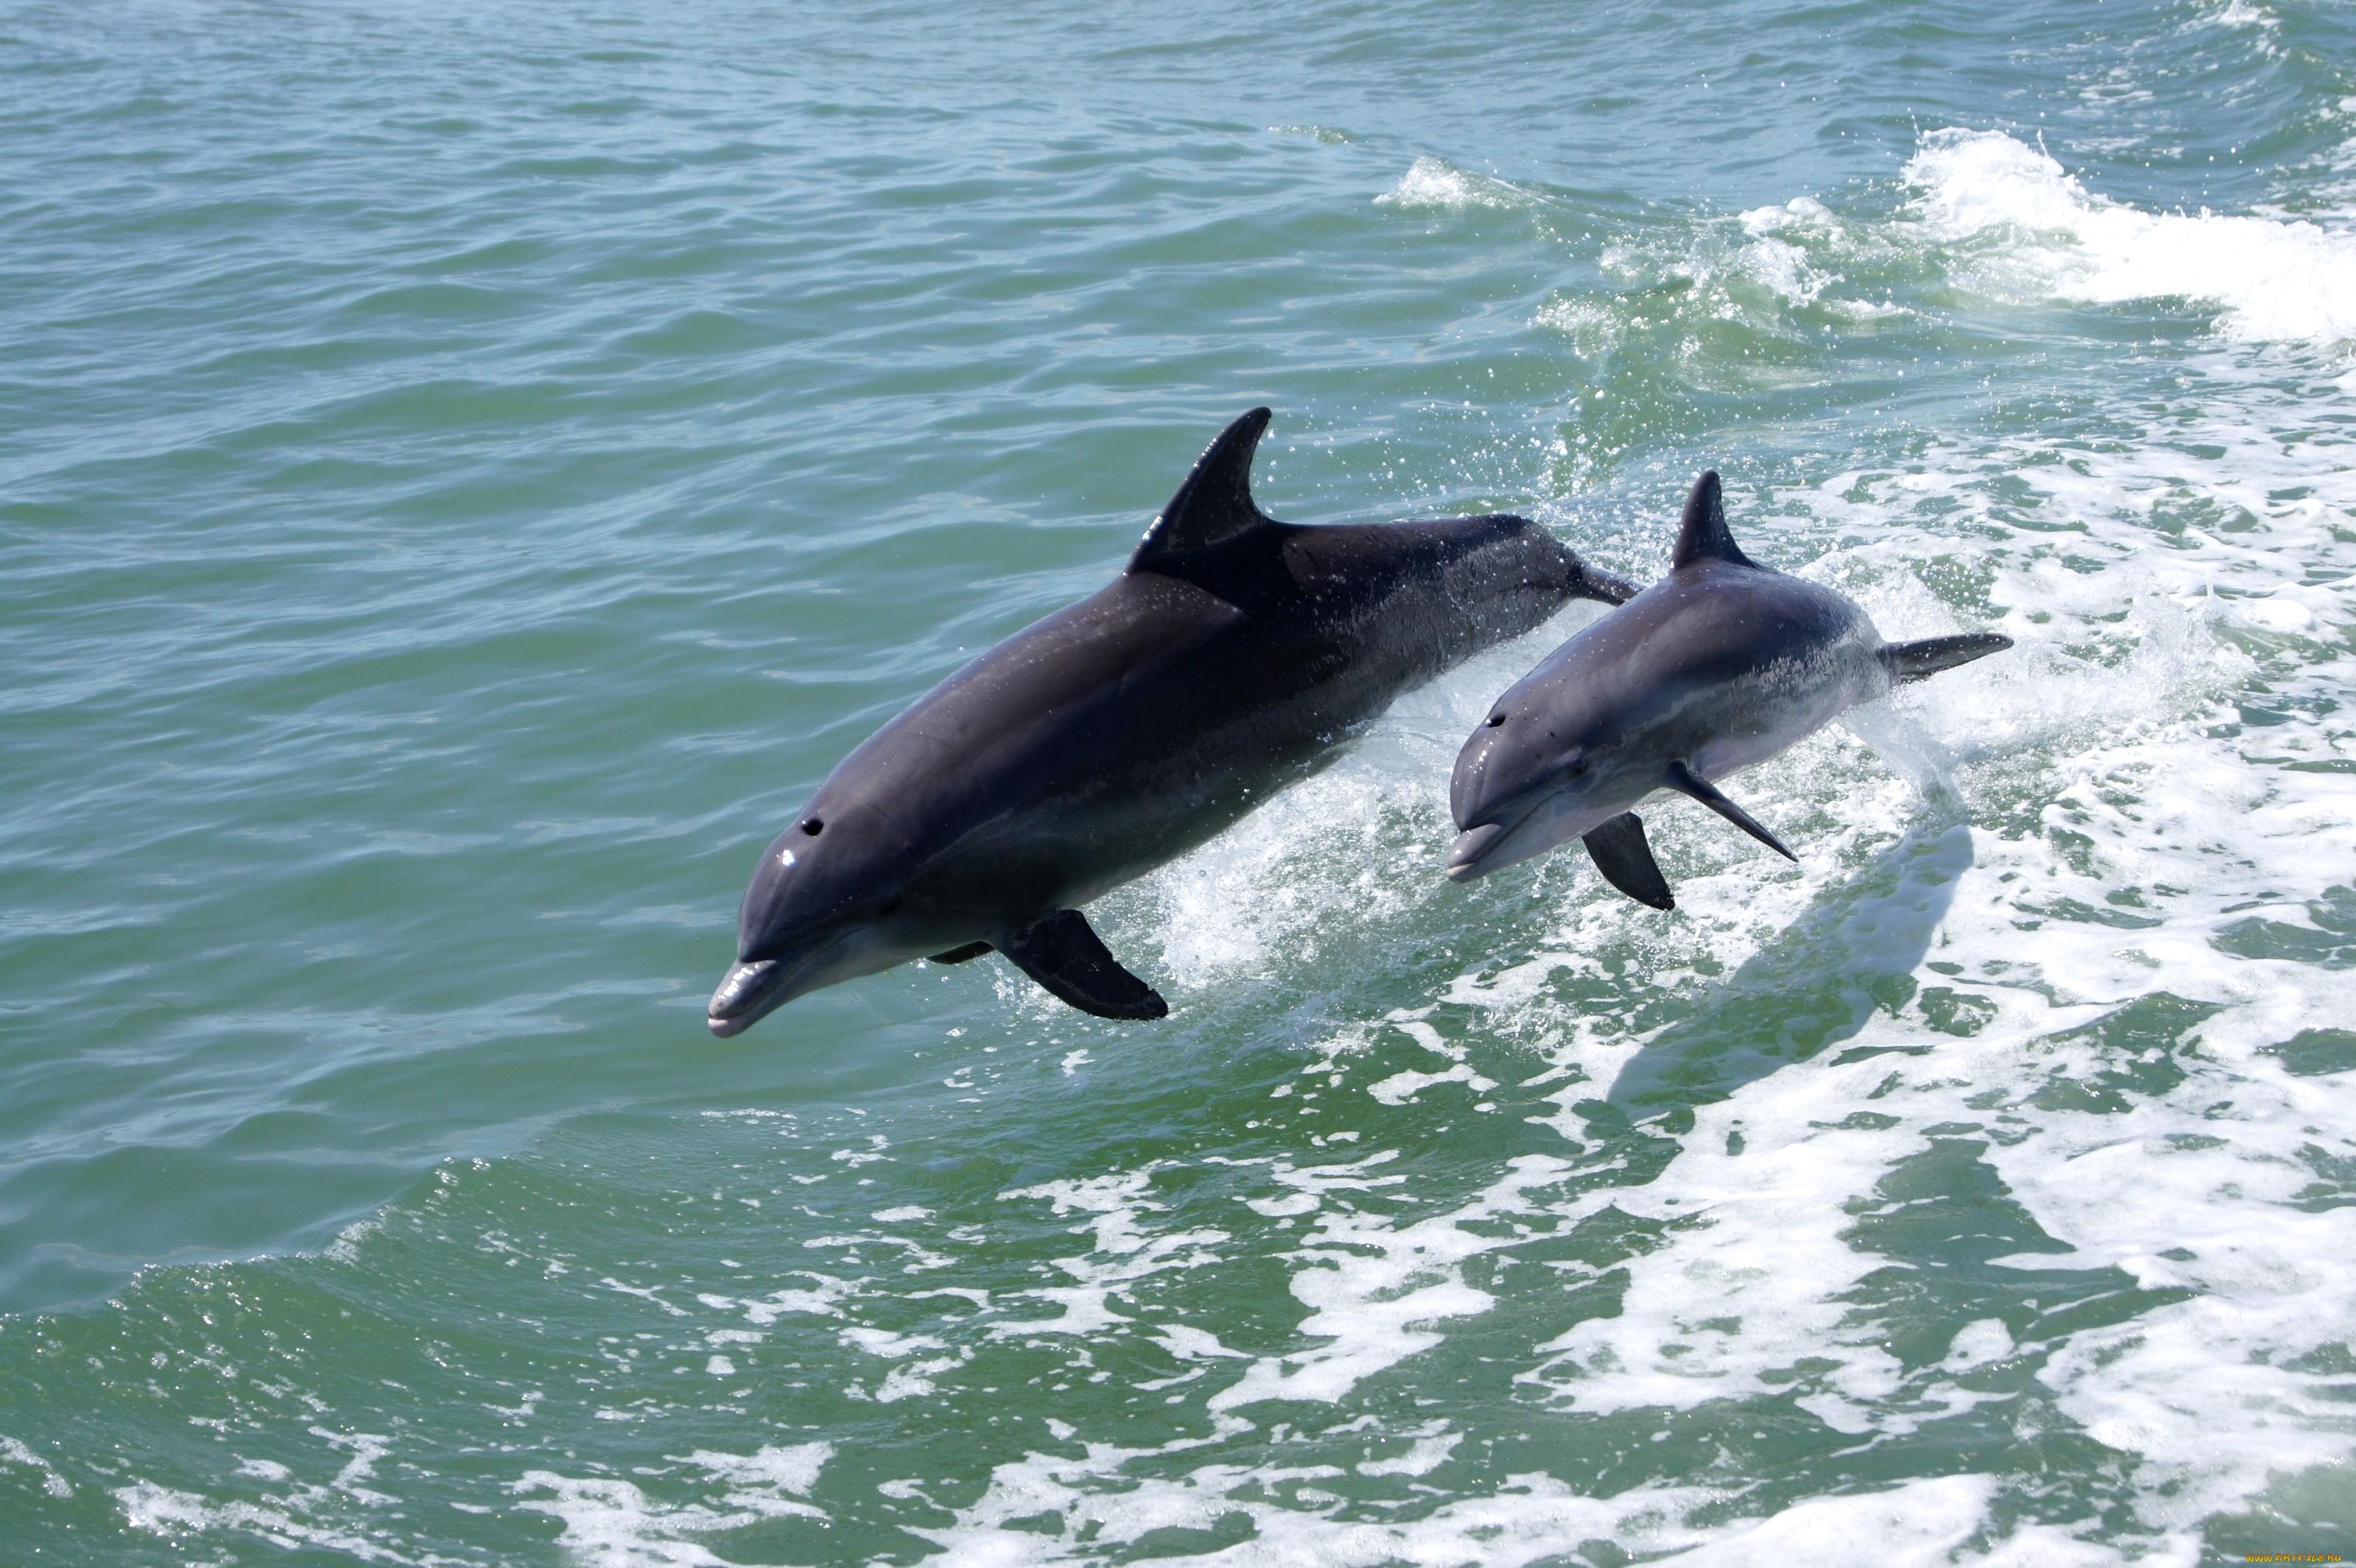 историю красивые картинки про море и дельфинов могут